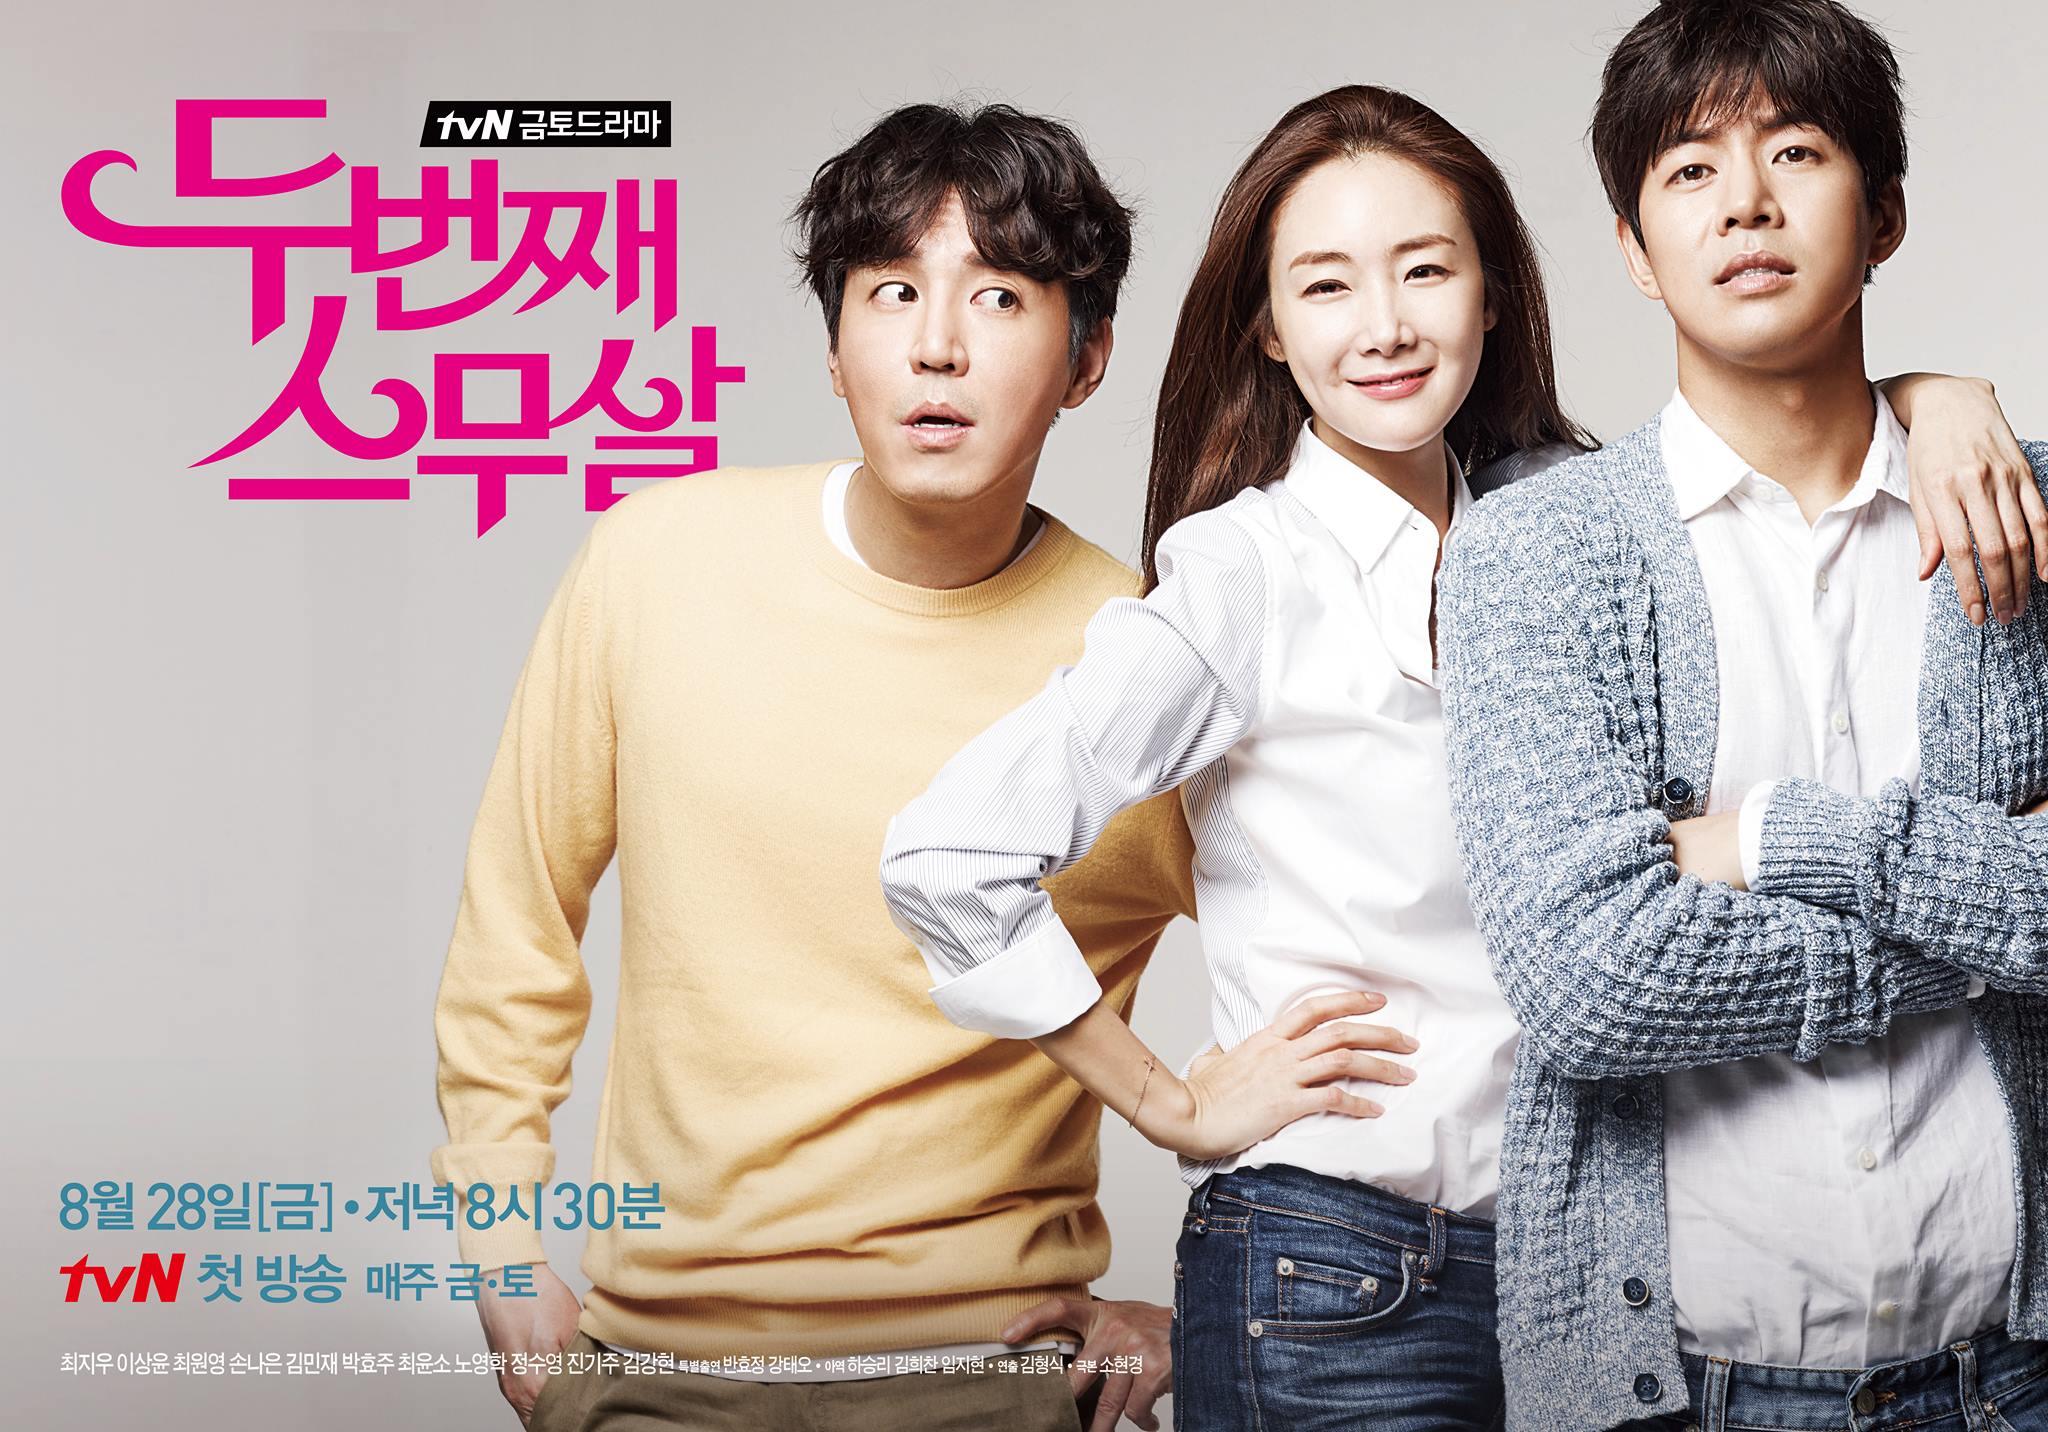 5 câu chuyện ngoại tình được khéo kể trên màn ảnh nhỏ Hàn Quốc - Ảnh 3.